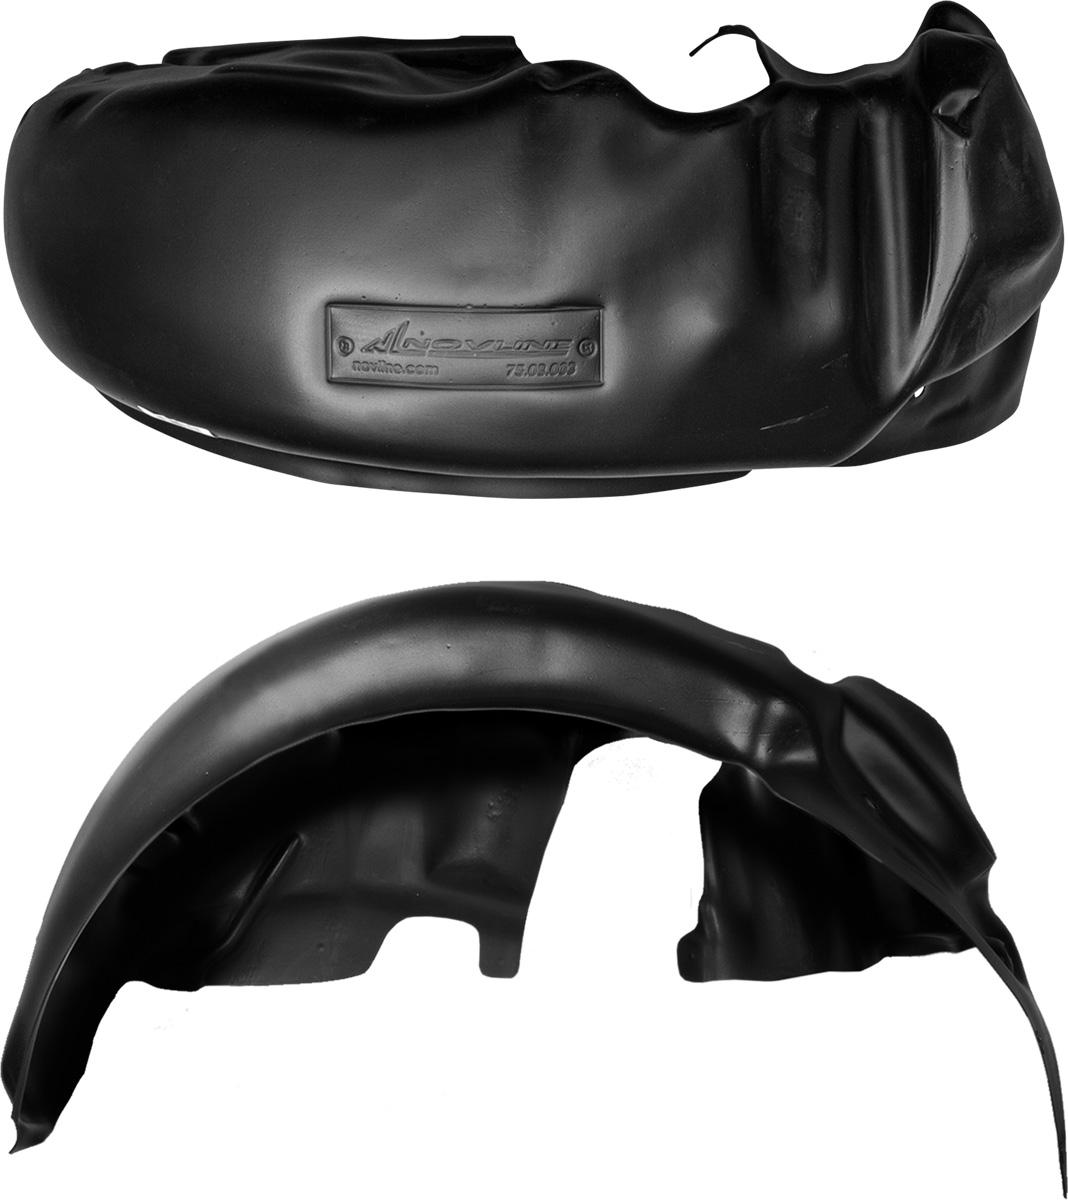 Подкрылок RENAULT Duster 4x4, 2011-2015, задний правыйNLL.41.29.004Колесные ниши – одни из самых уязвимых зон днища вашего автомобиля. Они постоянно подвергаются воздействию со стороны дороги. Лучшая, почти абсолютная защита для них - специально отформованные пластиковые кожухи, которые называются подкрылками, или локерами. Производятся они как для отечественных моделей автомобилей, так и для иномарок. Подкрылки выполнены из высококачественного, экологически чистого пластика. Обеспечивают надежную защиту кузова автомобиля от пескоструйного эффекта и негативного влияния, агрессивных антигололедных реагентов. Пластик обладает более низкой теплопроводностью, чем металл, поэтому в зимний период эксплуатации использование пластиковых подкрылков позволяет лучше защитить колесные ниши от налипания снега и образования наледи. Оригинальность конструкции подчеркивает элегантность автомобиля, бережно защищает нанесенное на днище кузова антикоррозийное покрытие и позволяет осуществить крепление подкрылков внутри колесной арки практически без дополнительного...